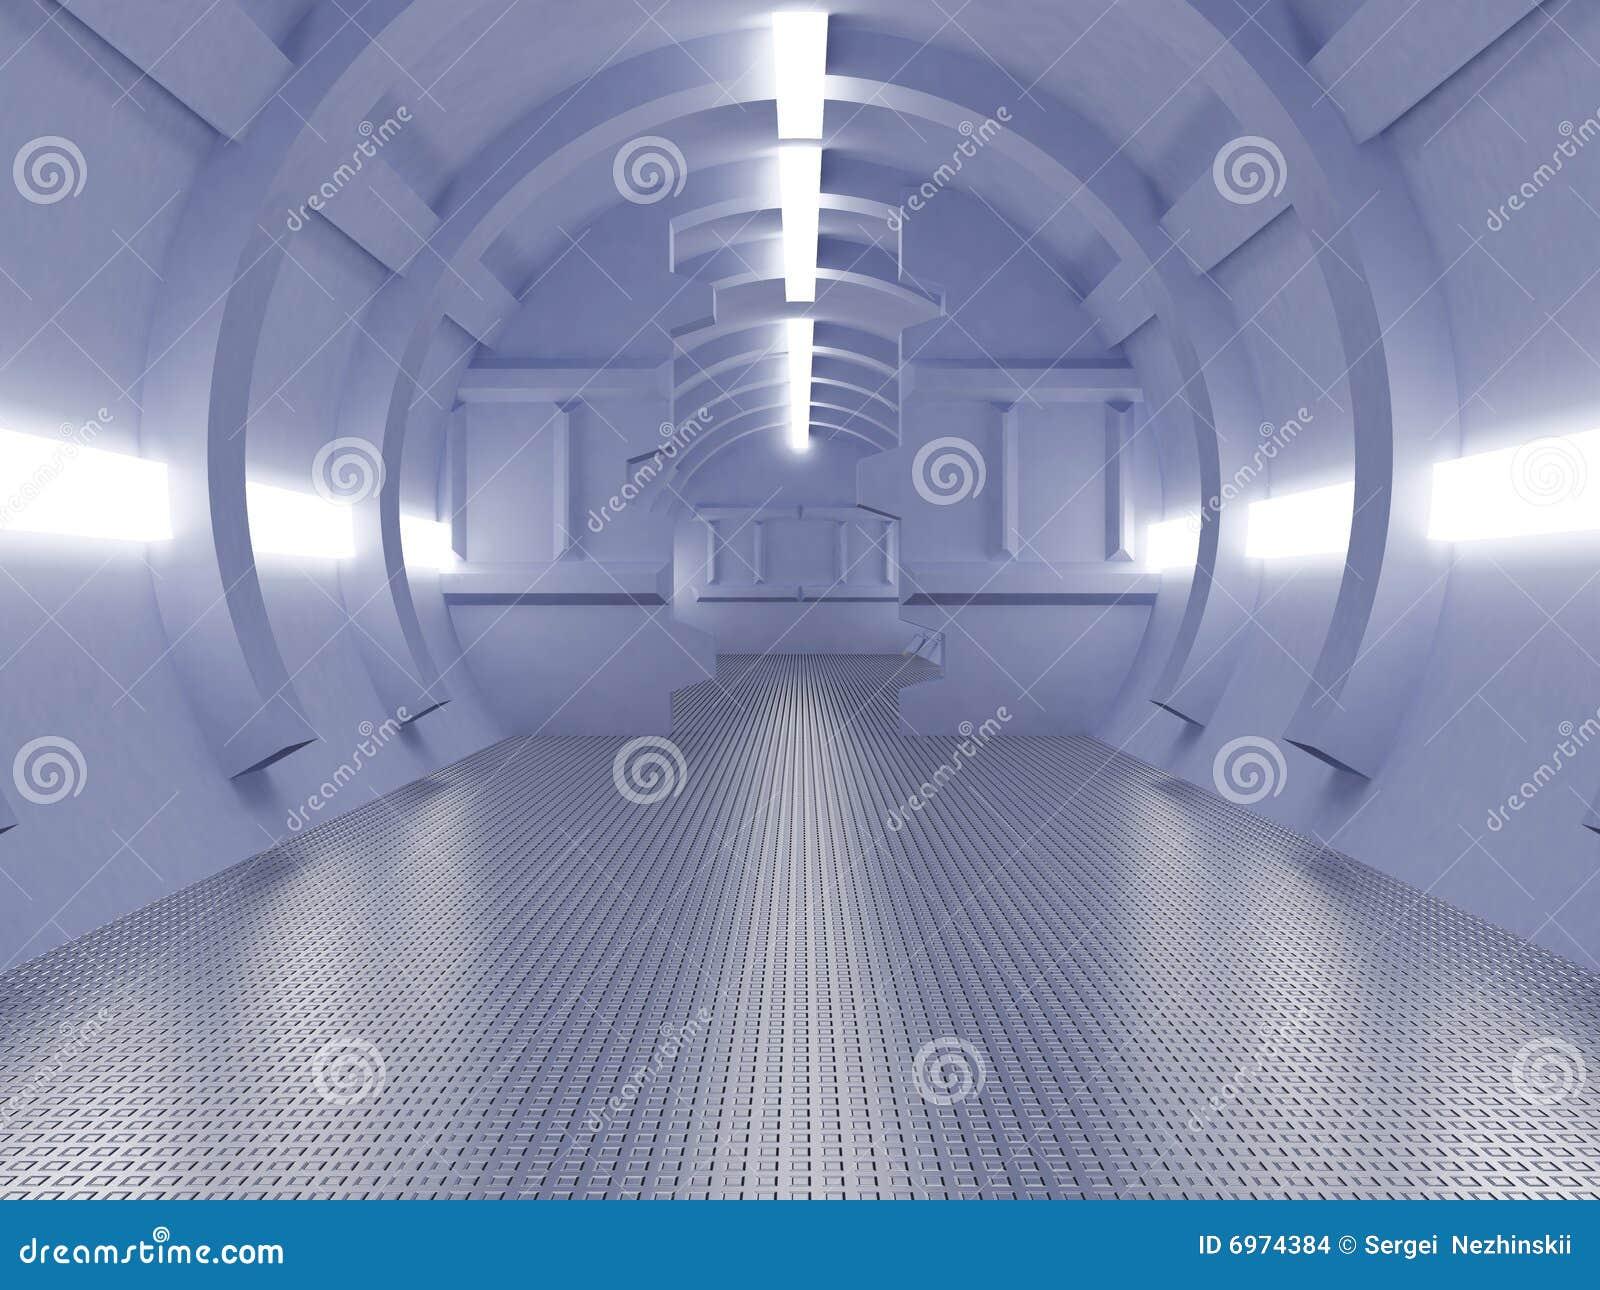 Nave espacial imagenes de archivo imagen 6974384 for Interior nave espacial